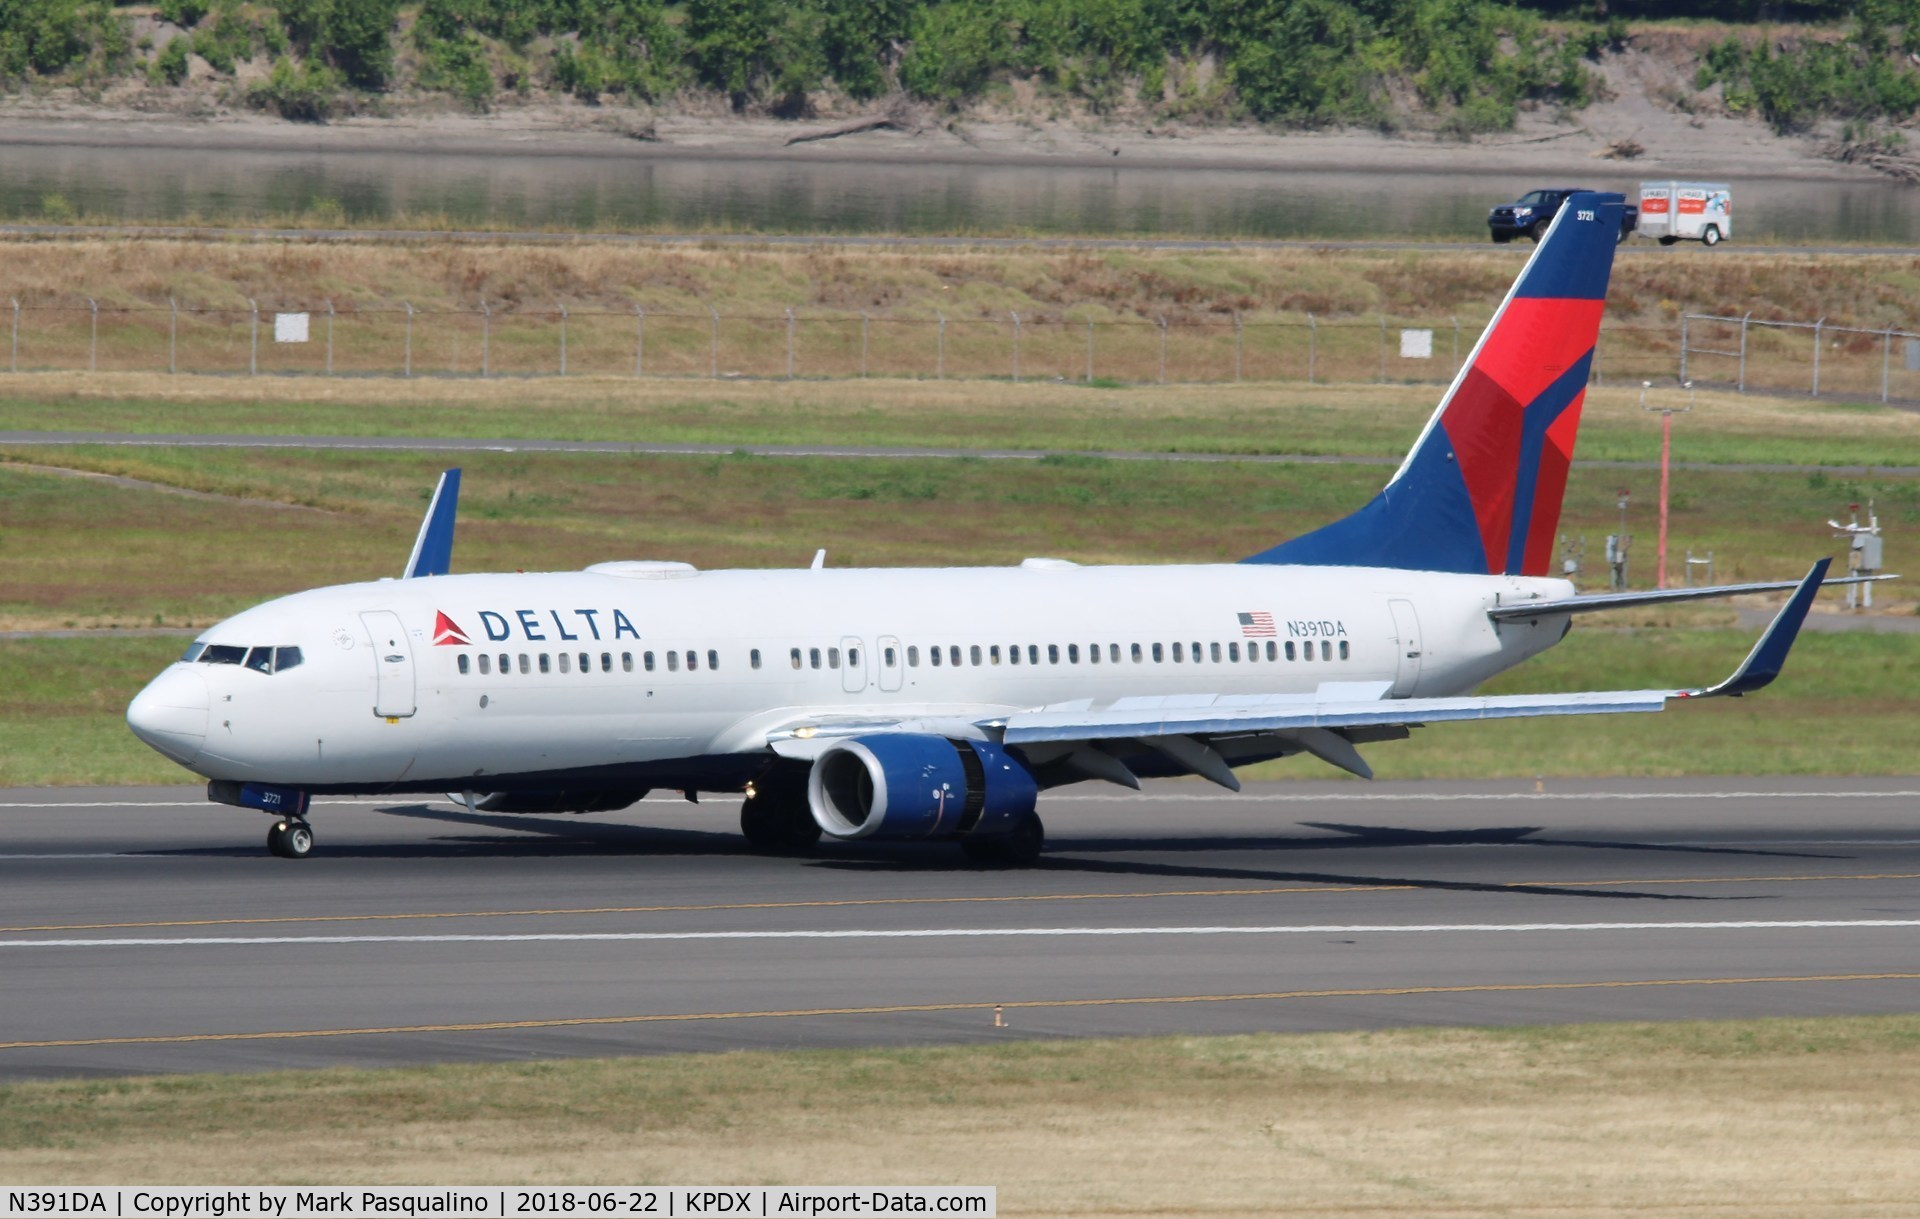 N391DA, 2000 Boeing 737-832 C/N 30560, Boeing 737-800